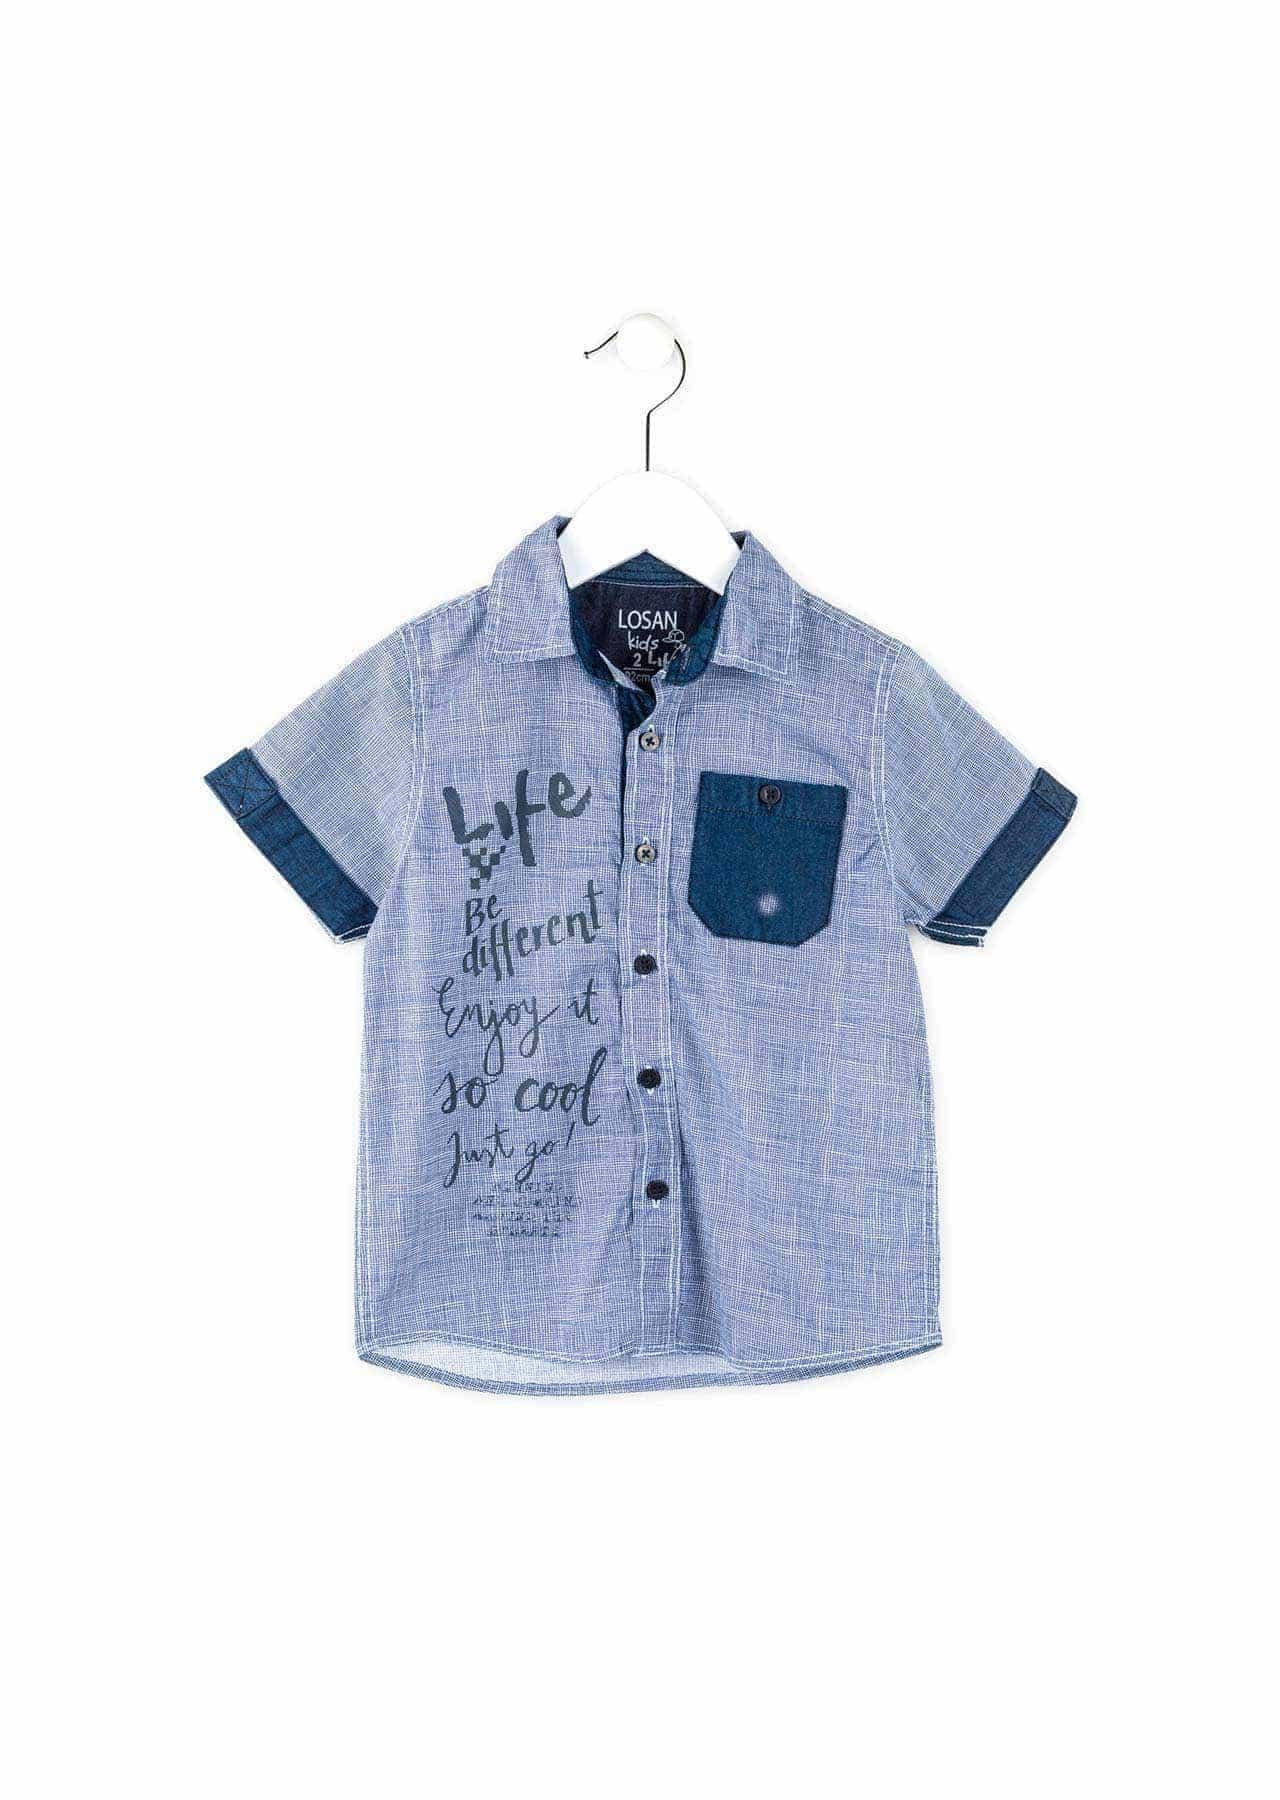 Παιδικές Μπλούζες και Πουκάμισα για αγόρια - Losan - boboli - Zippy ... 24389e8c2c6